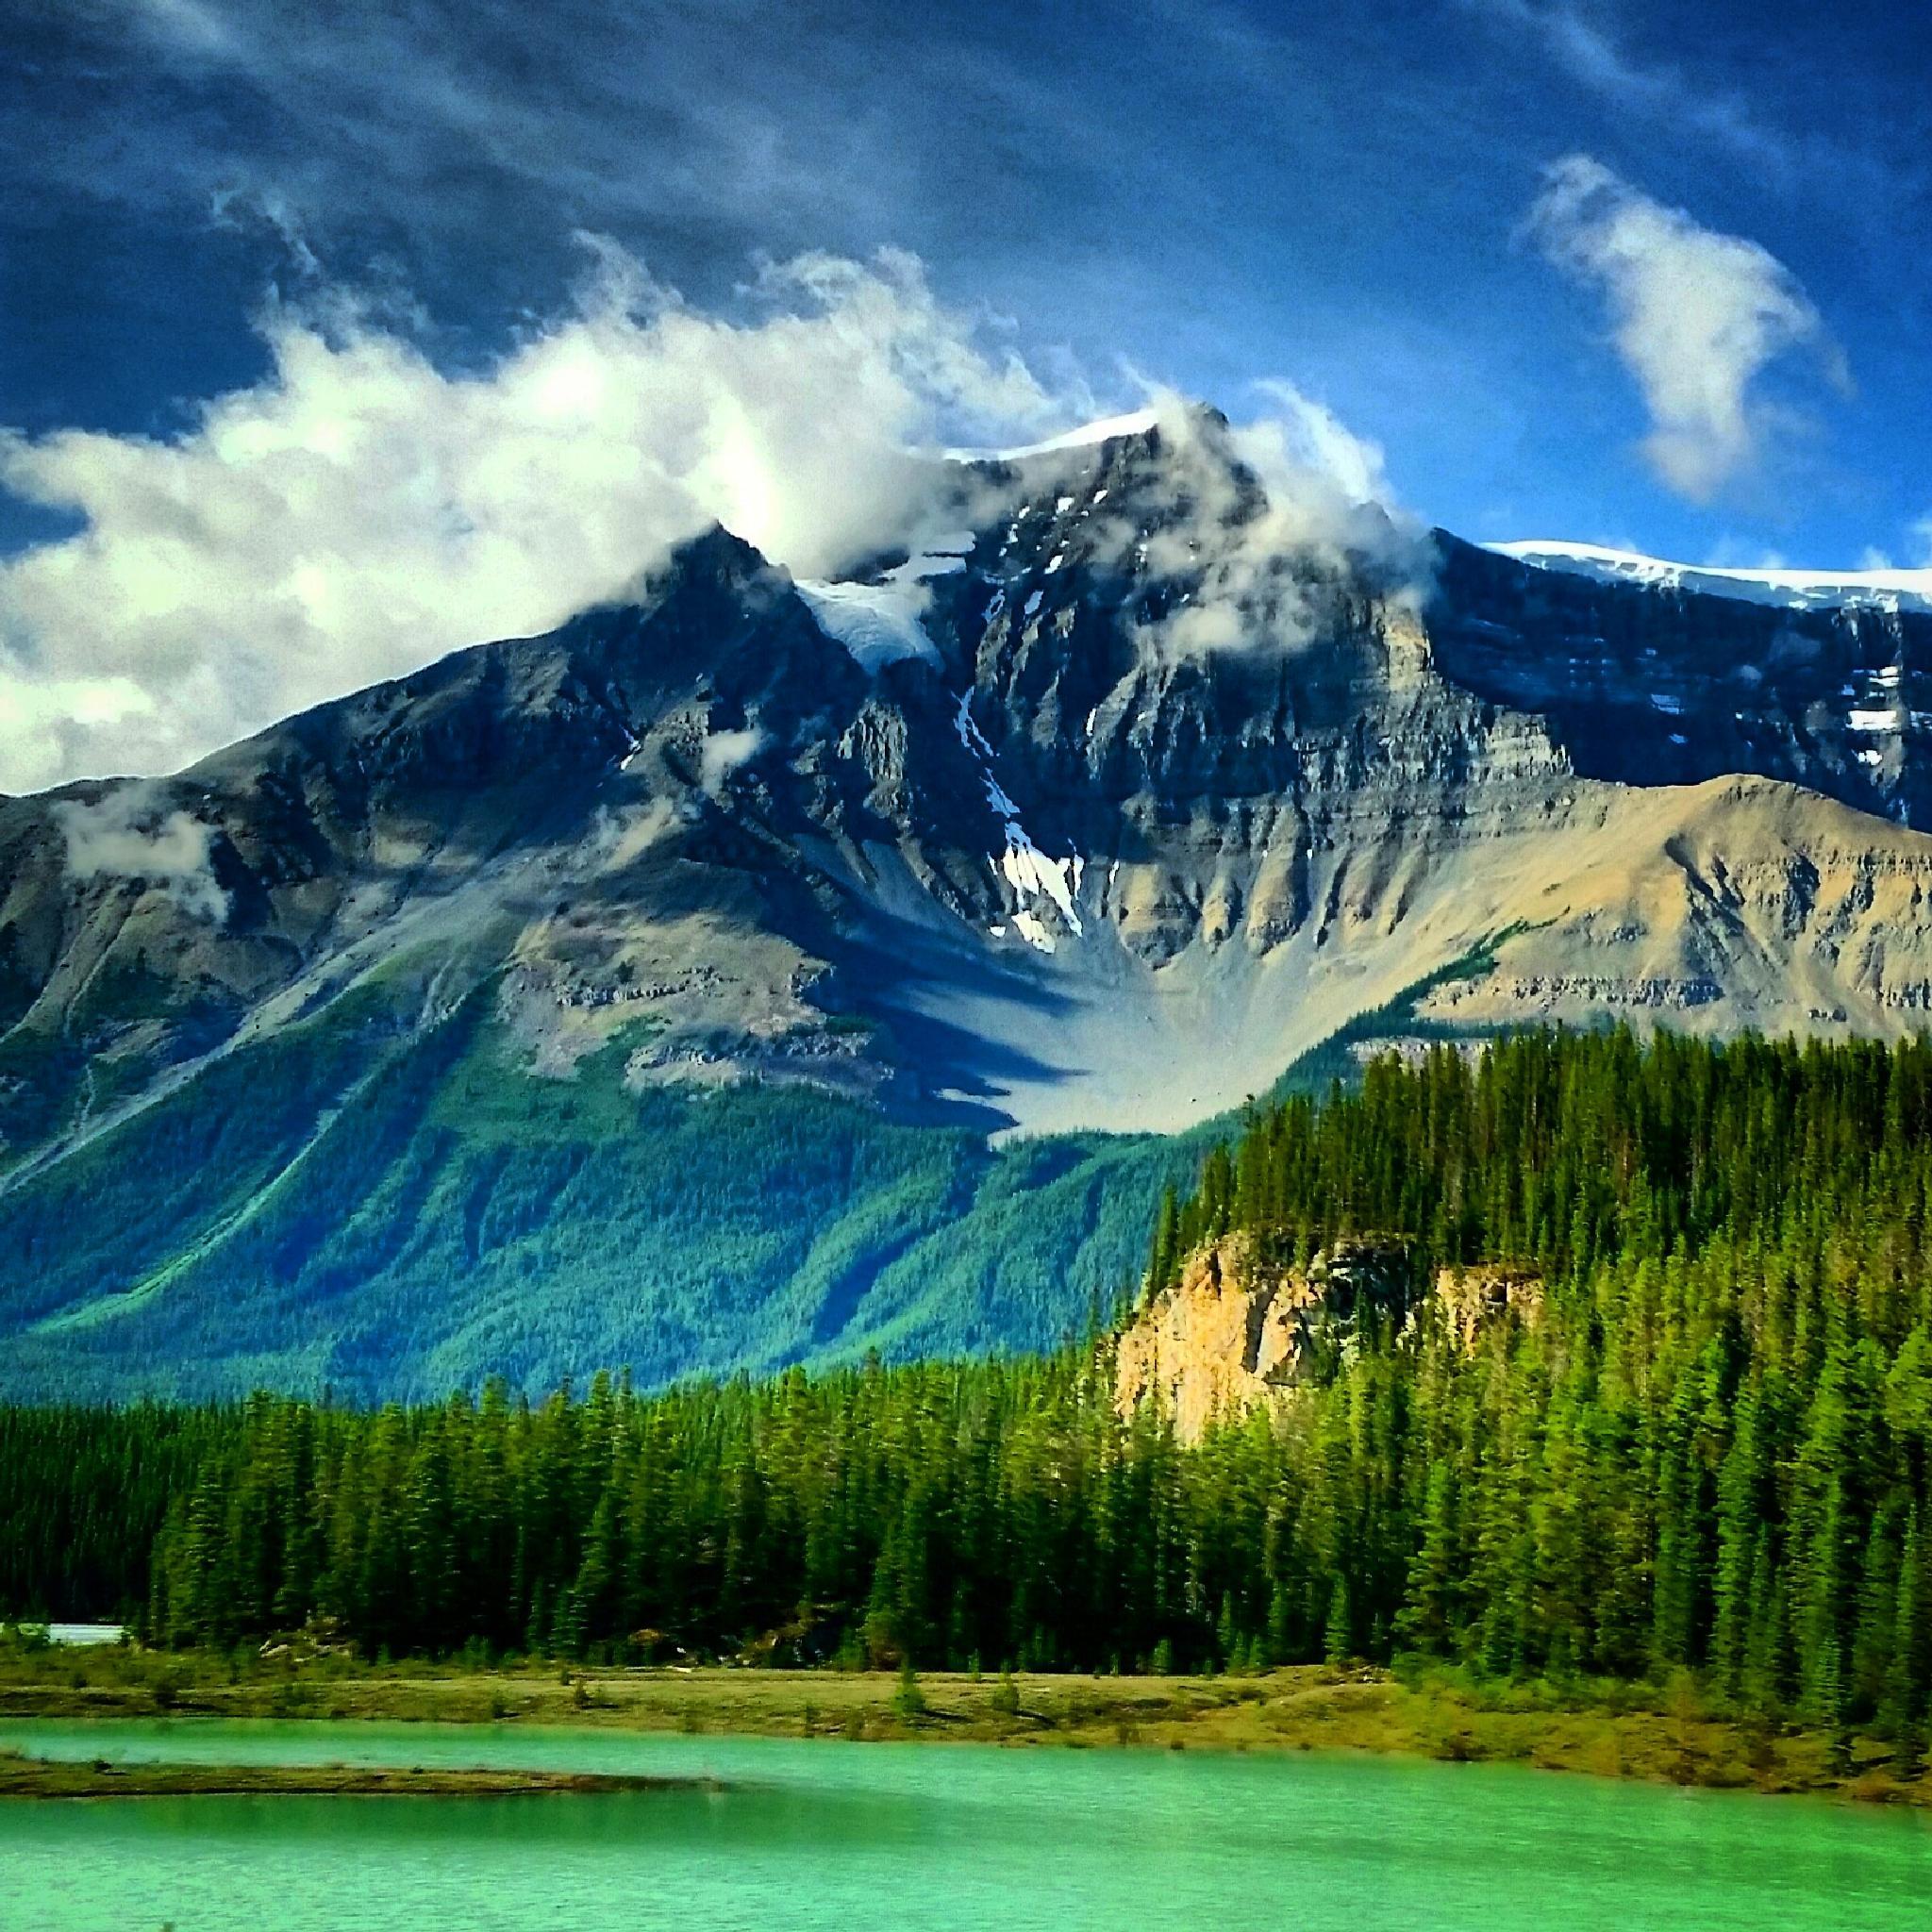 Alberta Canada by Garth Rogers